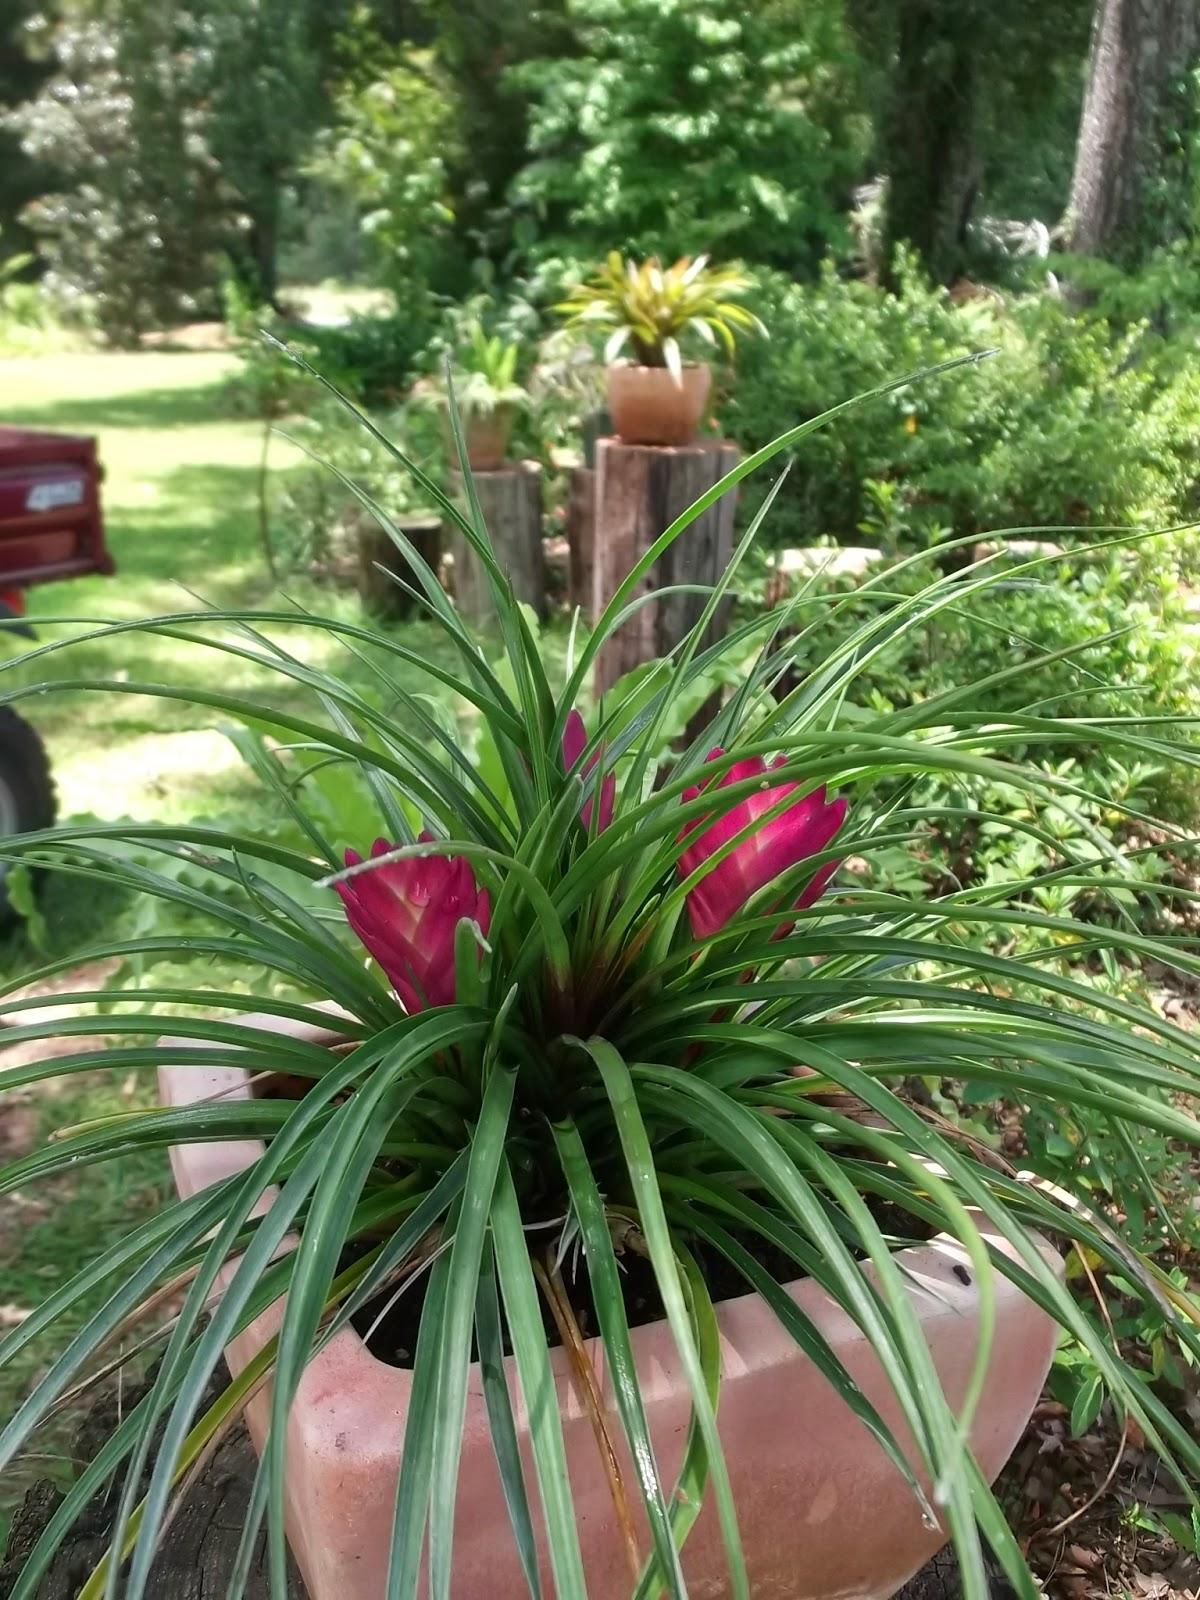 Tillandsia Cyanea Linden Ex K Koch: Dotty Plants Greenhouse Journal: You Can't Keep A Good